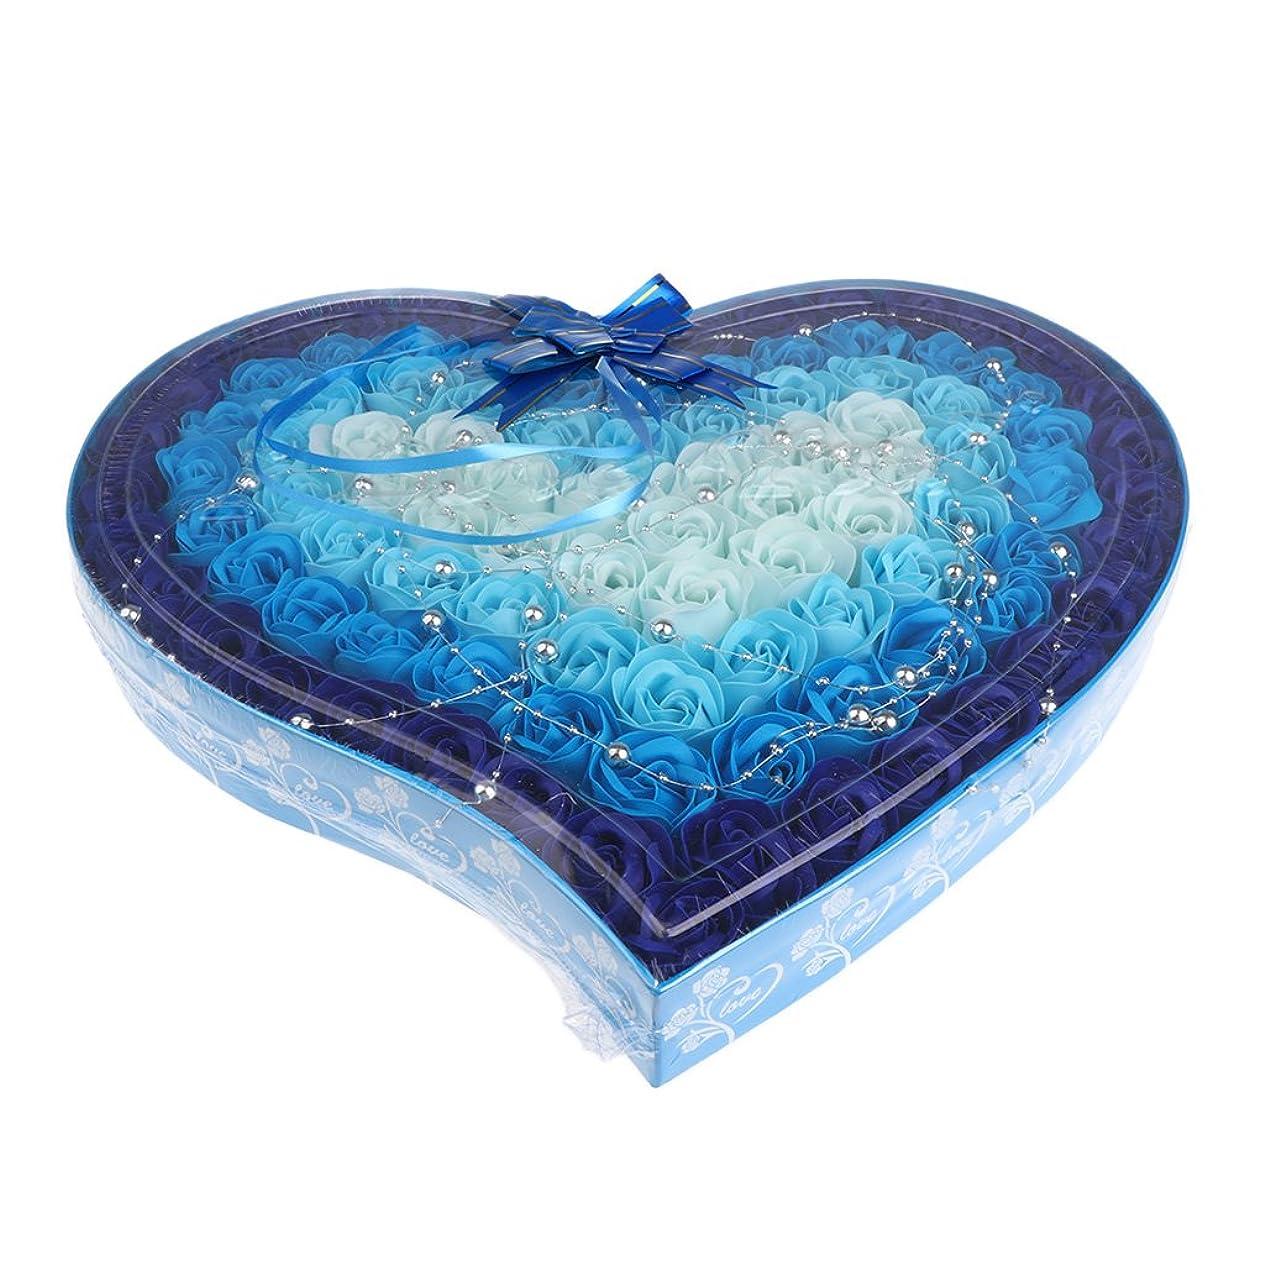 非互換掃除素晴らしいKesoto 石鹸の花 造花 ソープフラワー 心の形 ギフトボックス  母の日   バレンタイン プレゼント 全4色選べる - 青